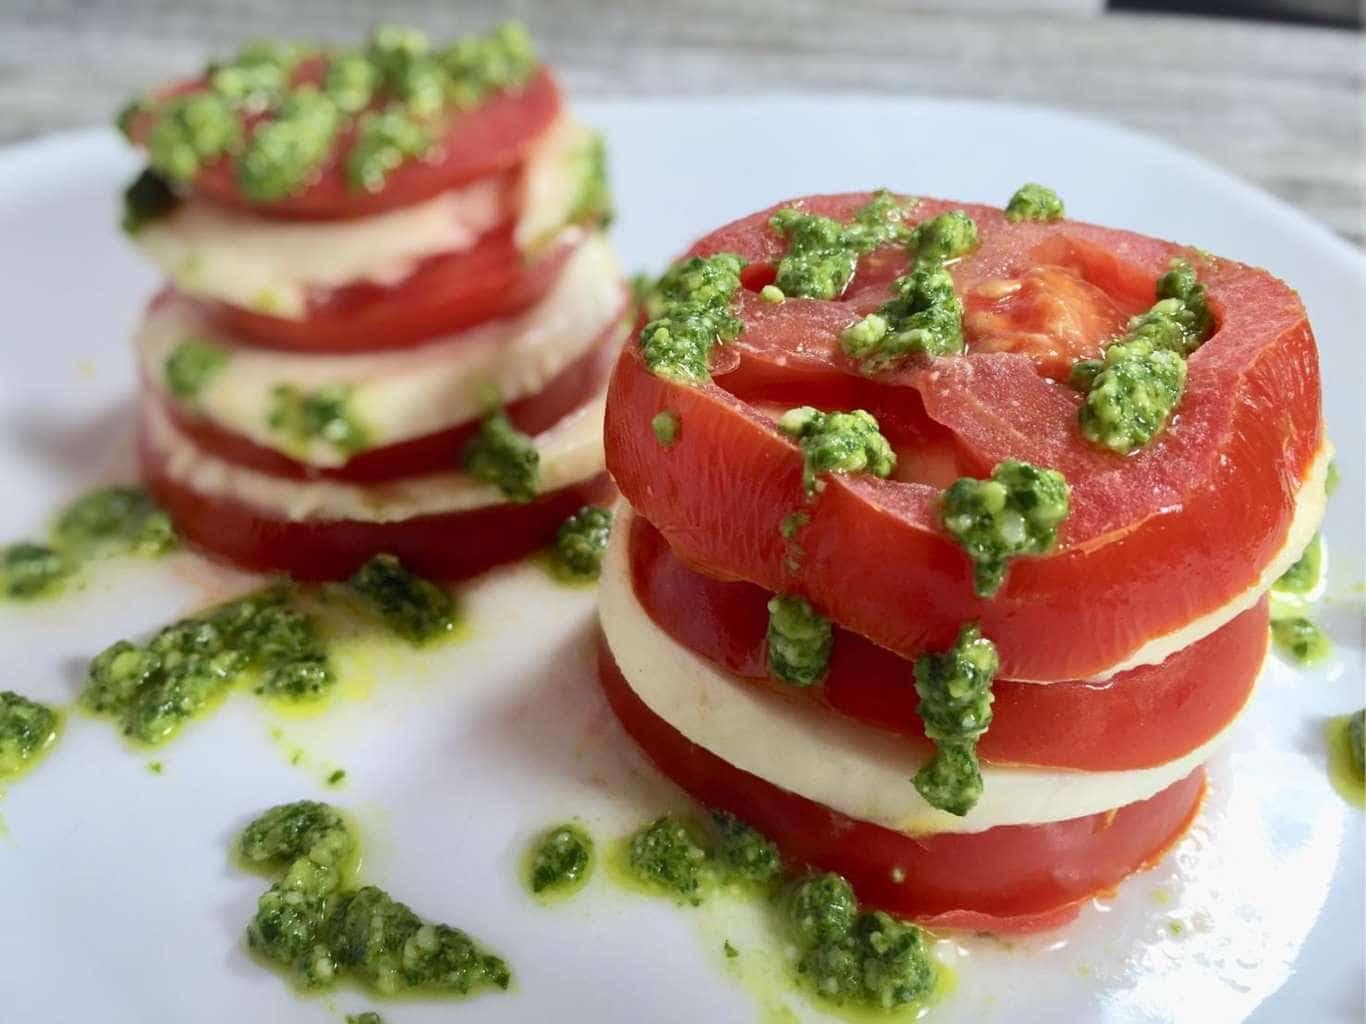 Stacked tomato salad with pesto on a white